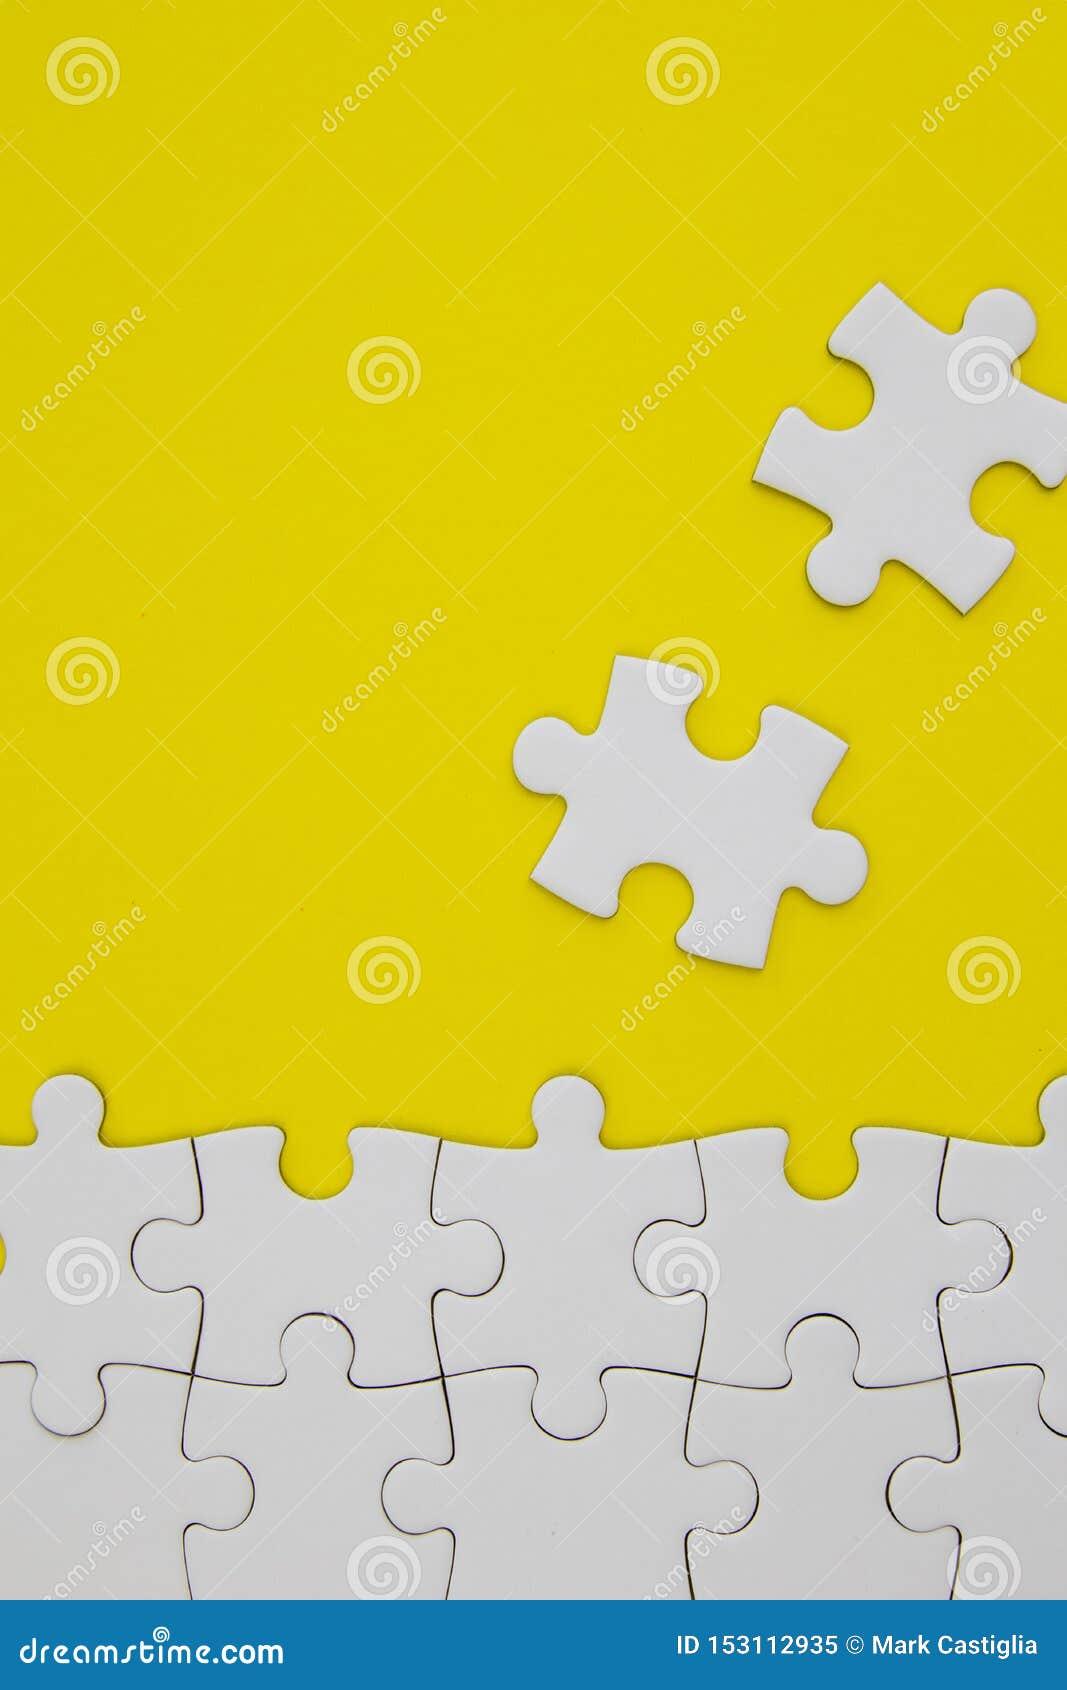 Witte puzzelstukken op gele achtergrond met negatieve ruimte